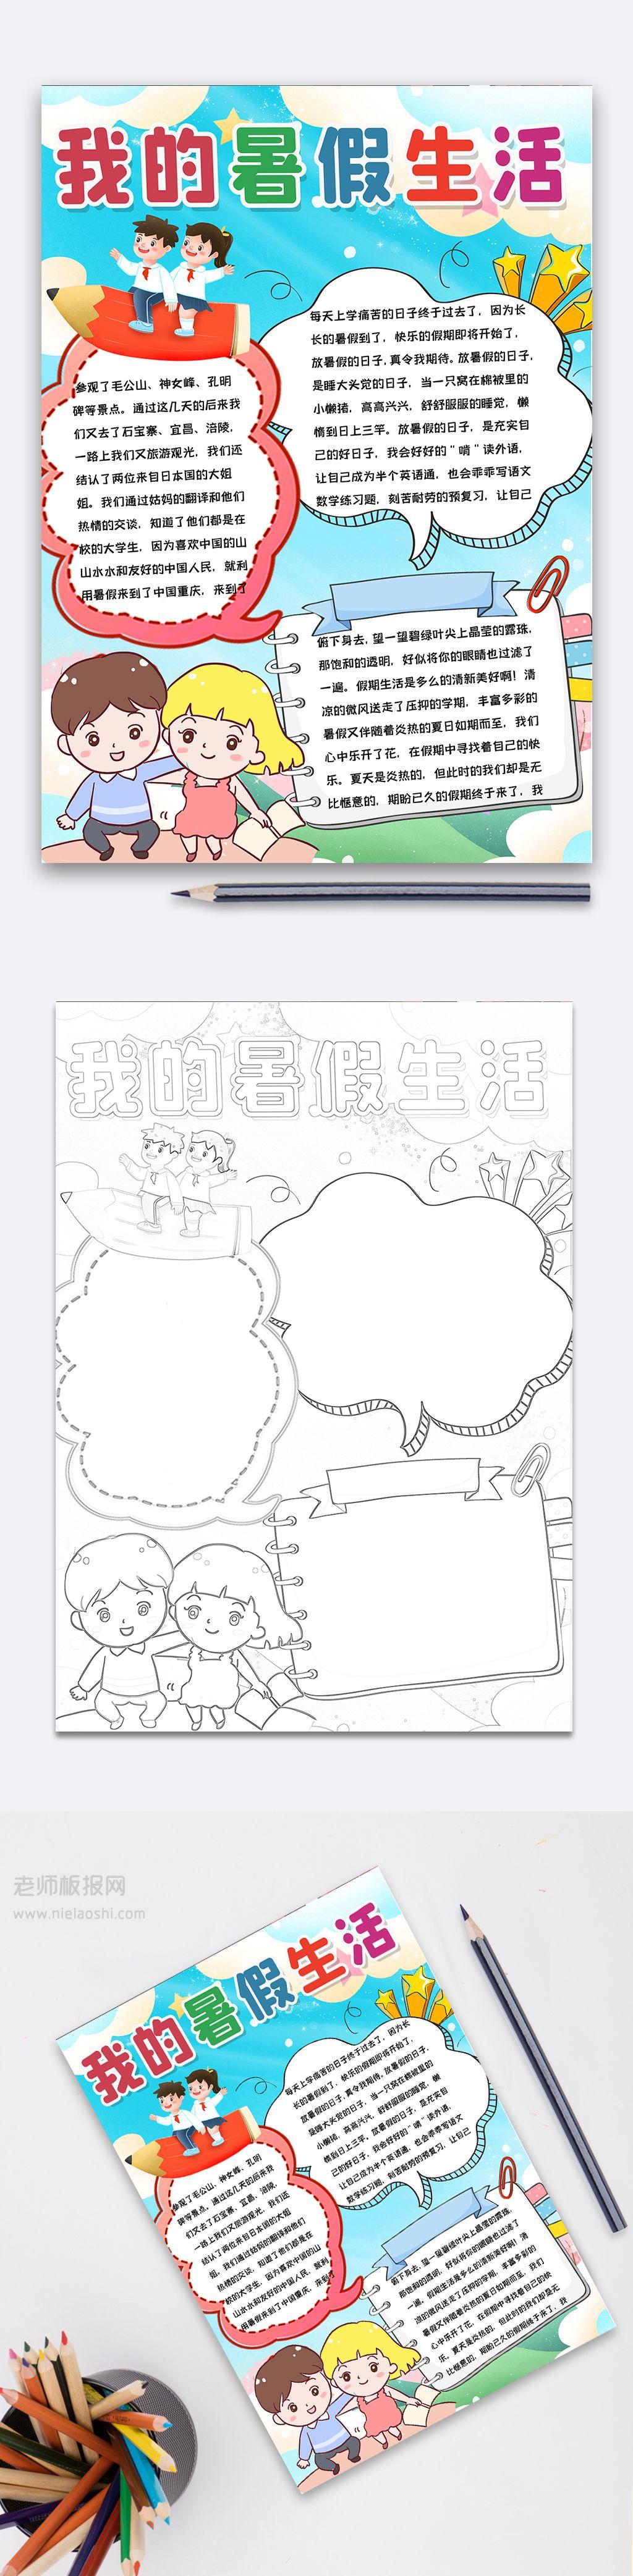 蓝色清新竖版我的暑假生活小报word电子模版